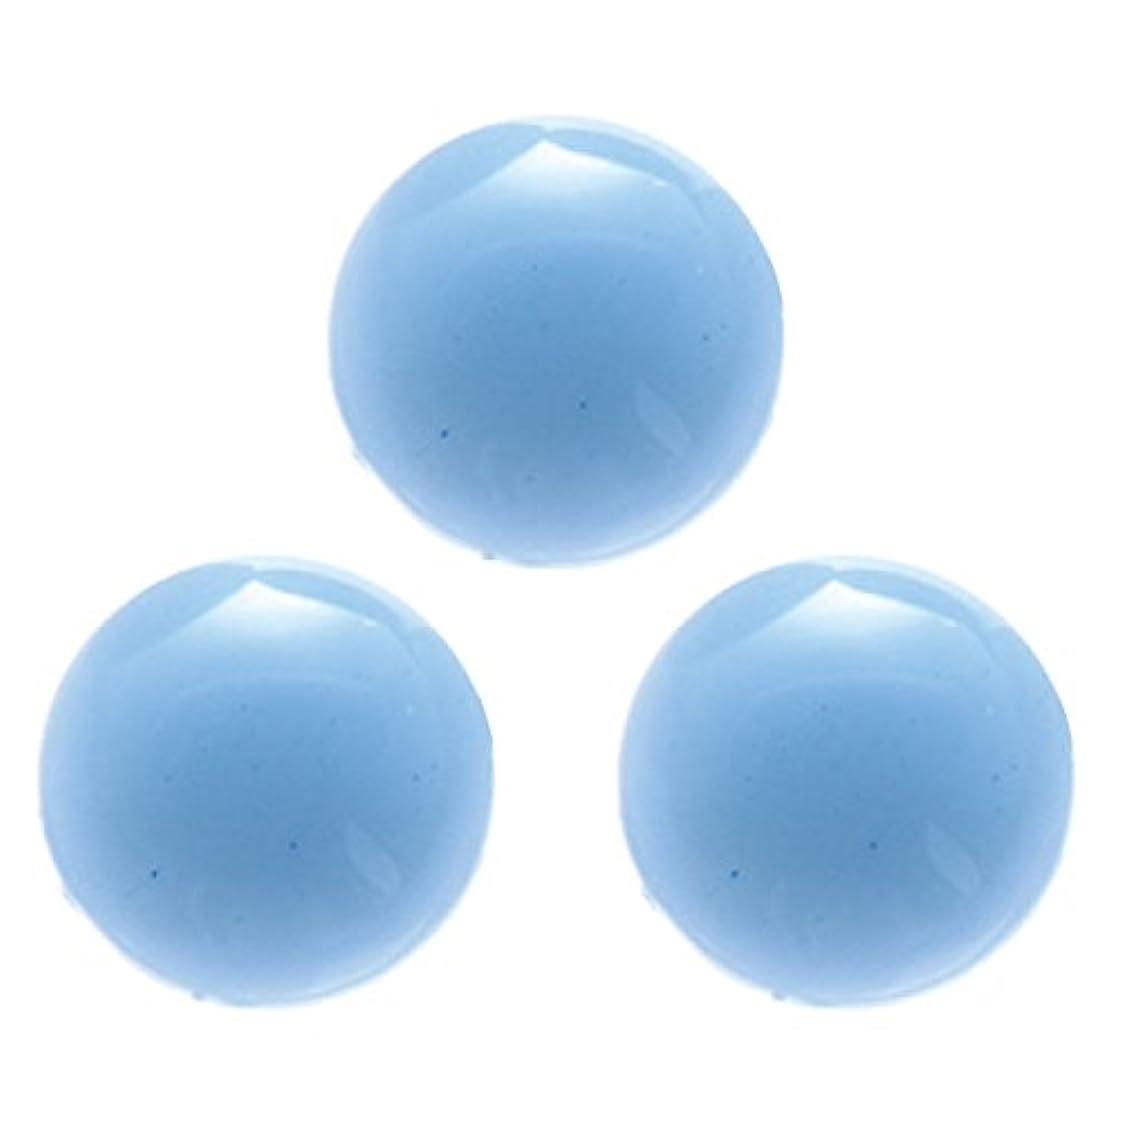 土器サッカースラック<エトゥベラ>オパールストーン ラウンド 3mm ブルー